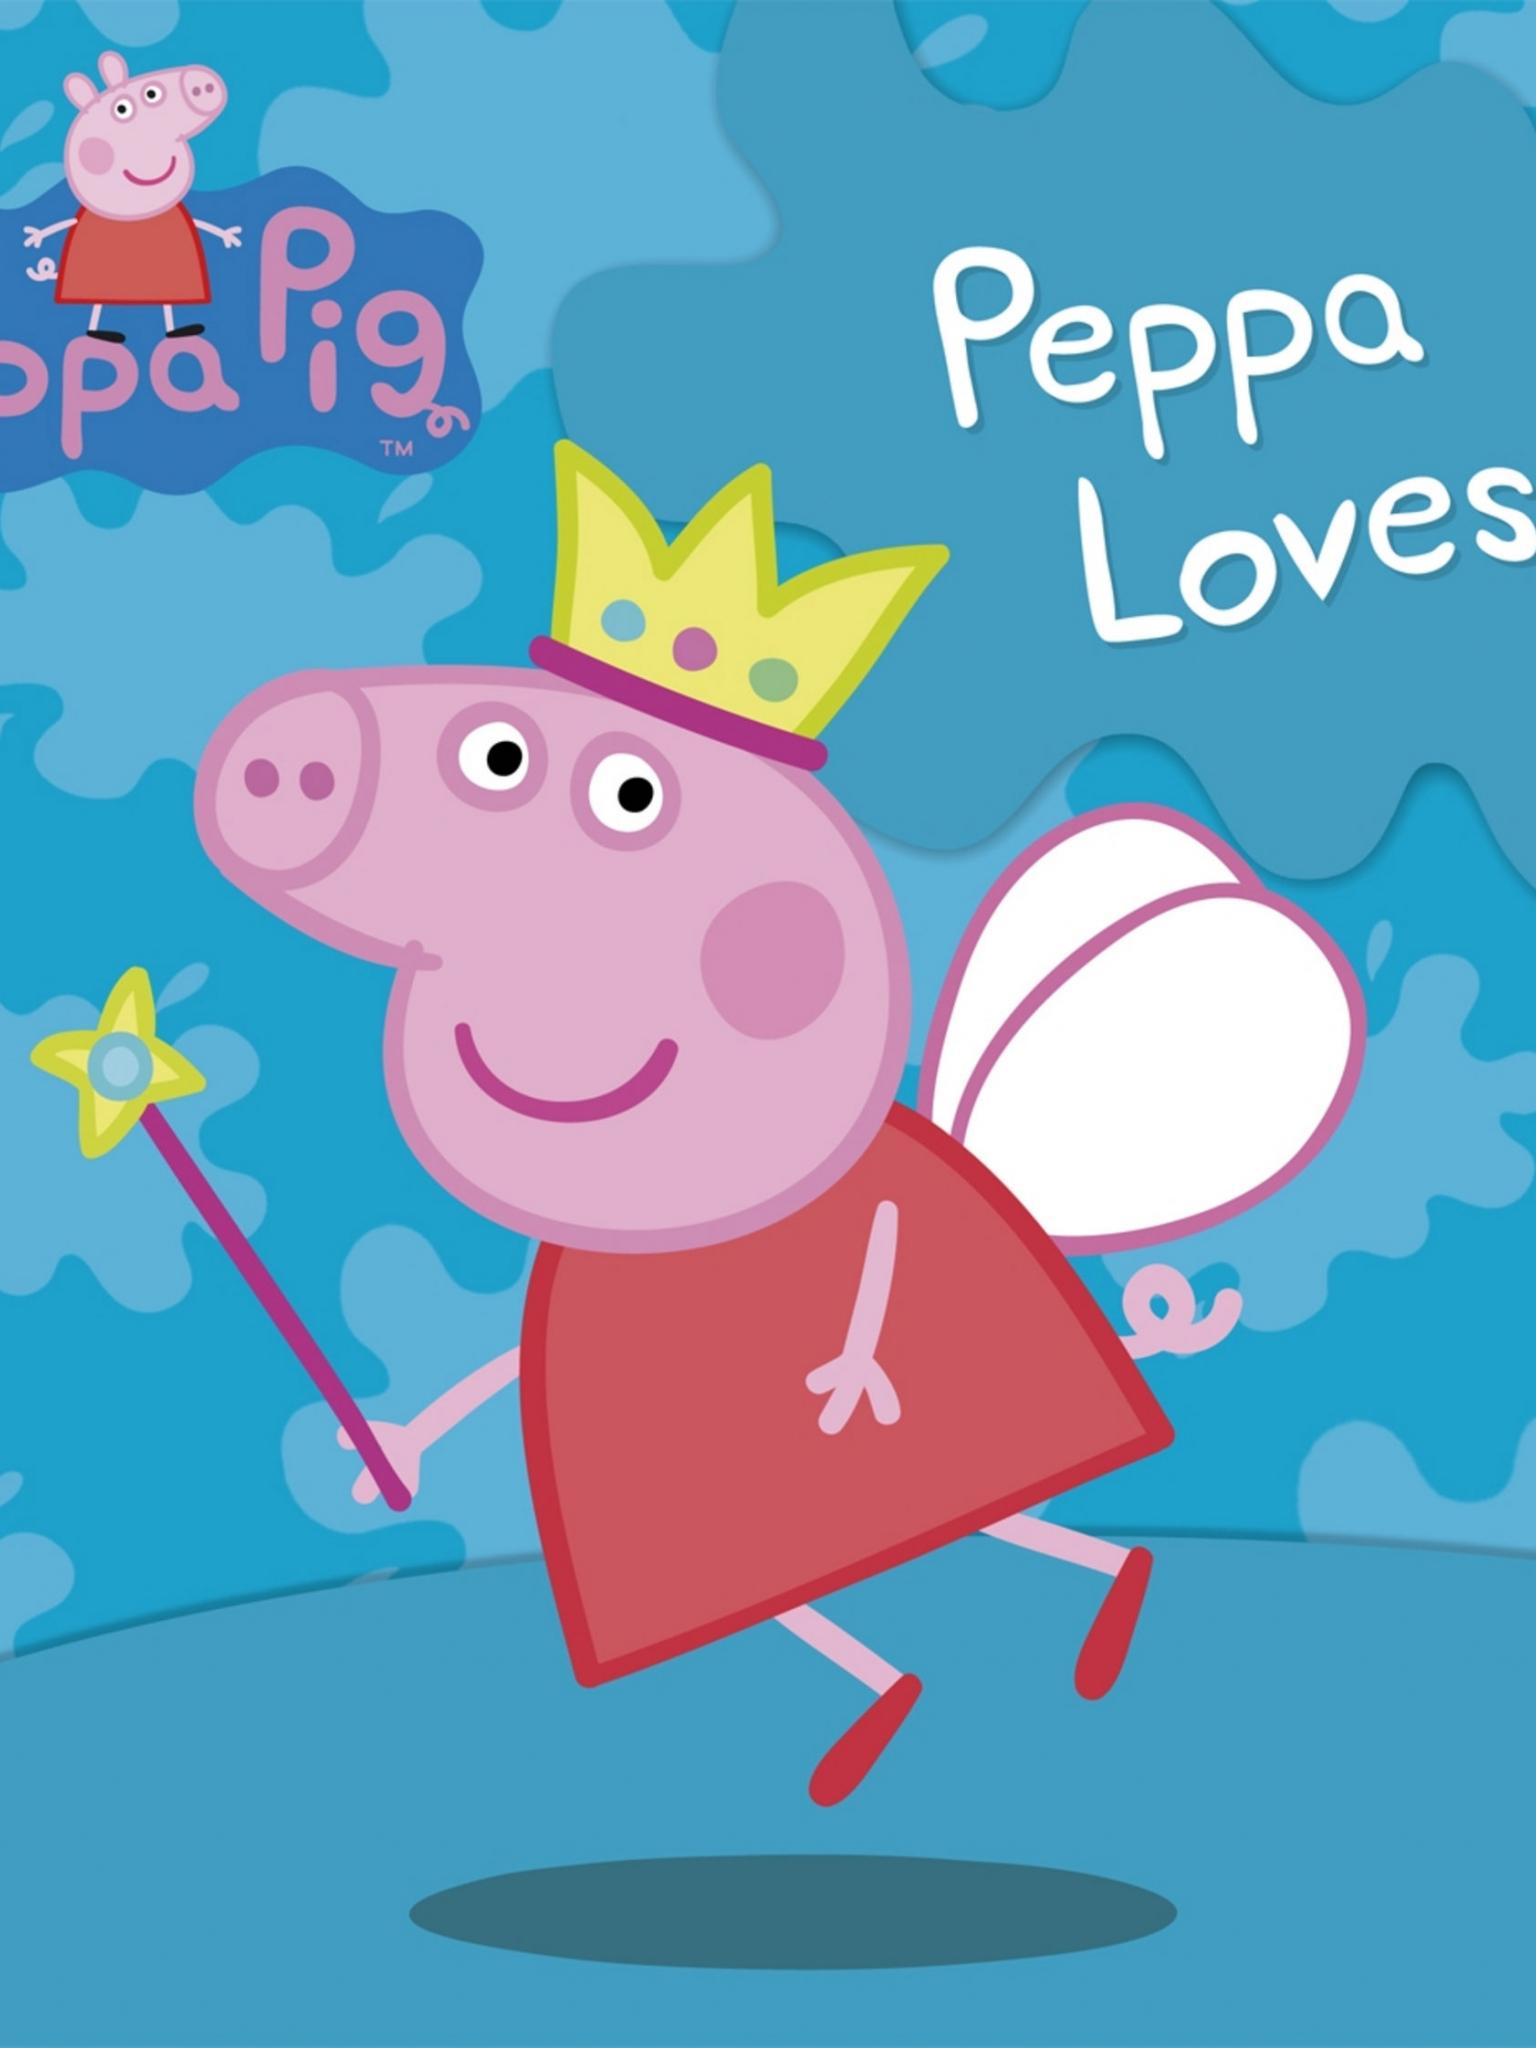 Free Download Dibujos Para Colorear Imprimir Peppa Pig Hd